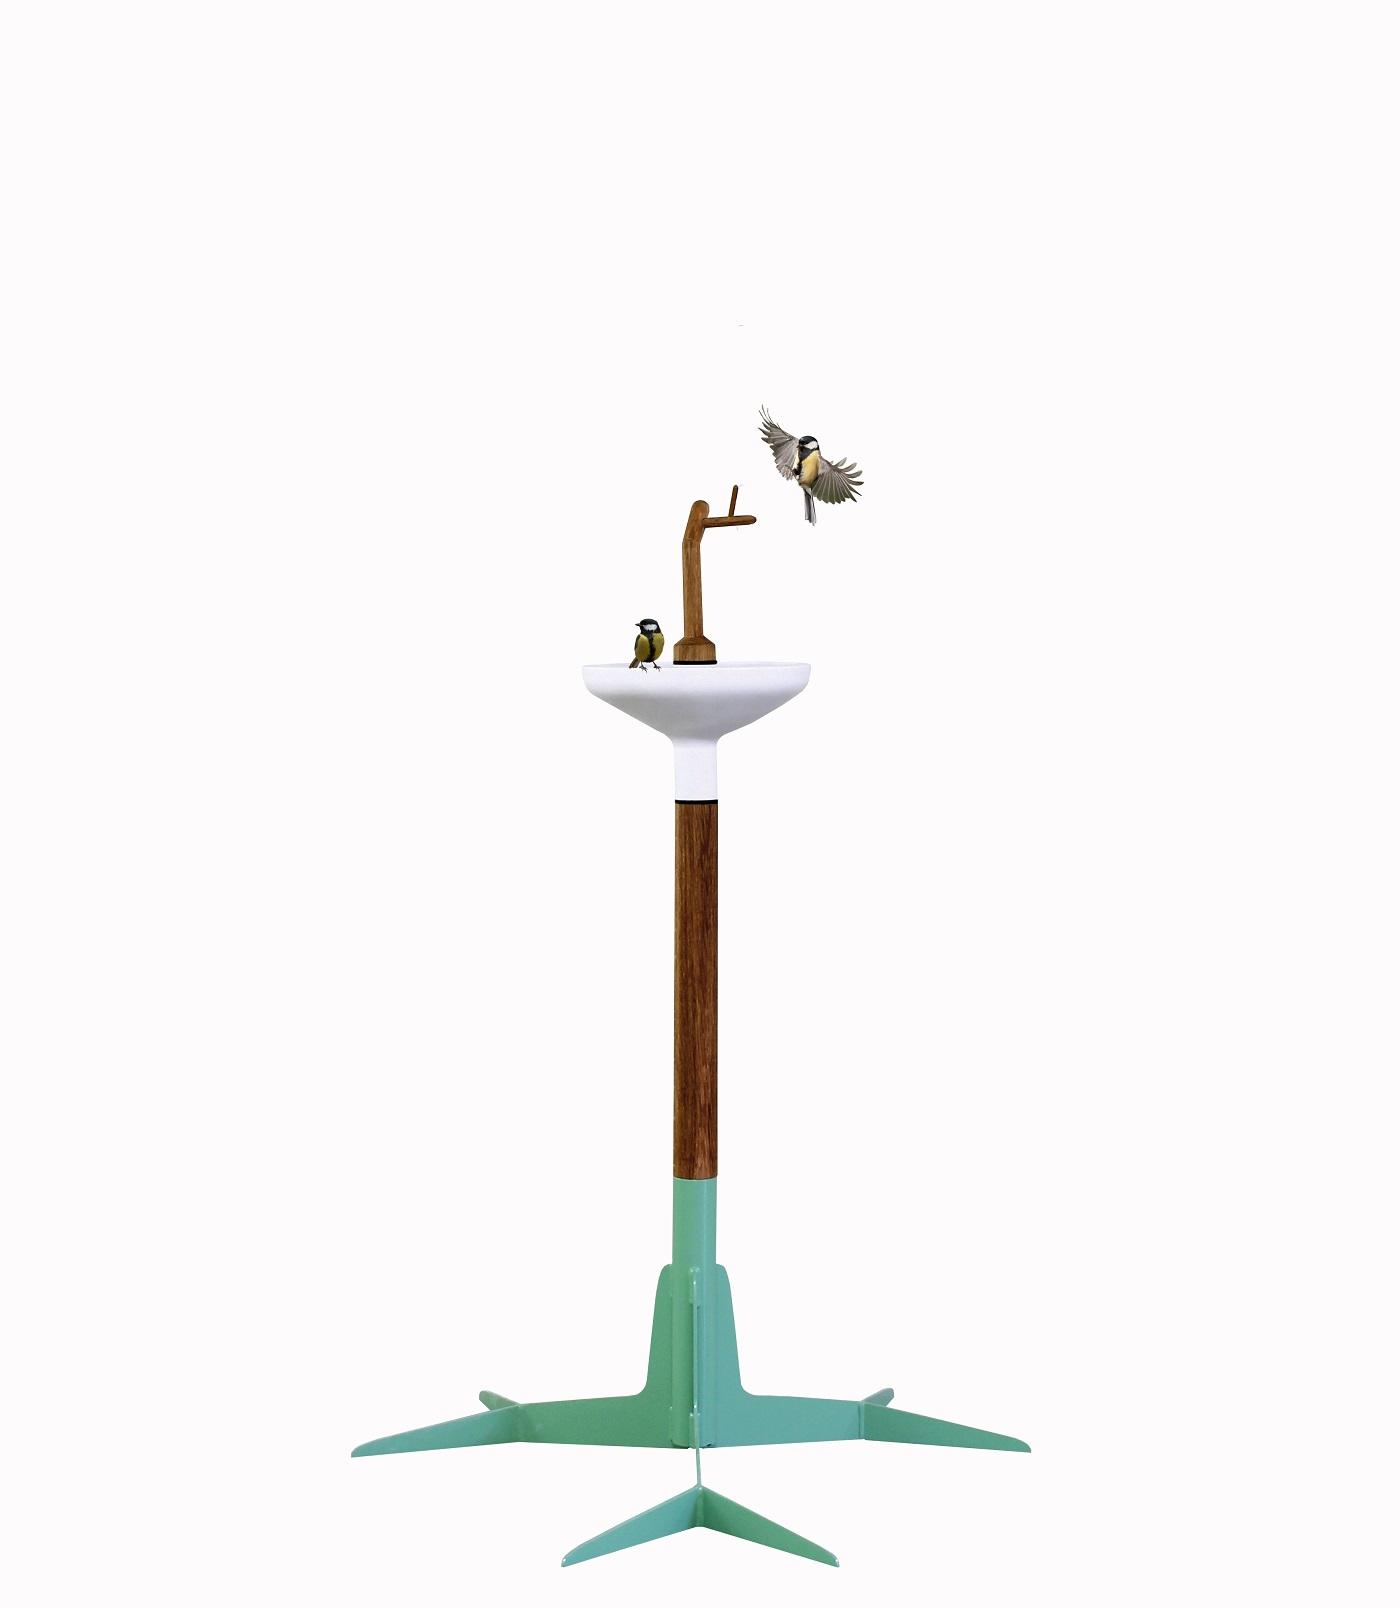 Drinkplankje van Vincent Bos uit de collectie Garden Elements